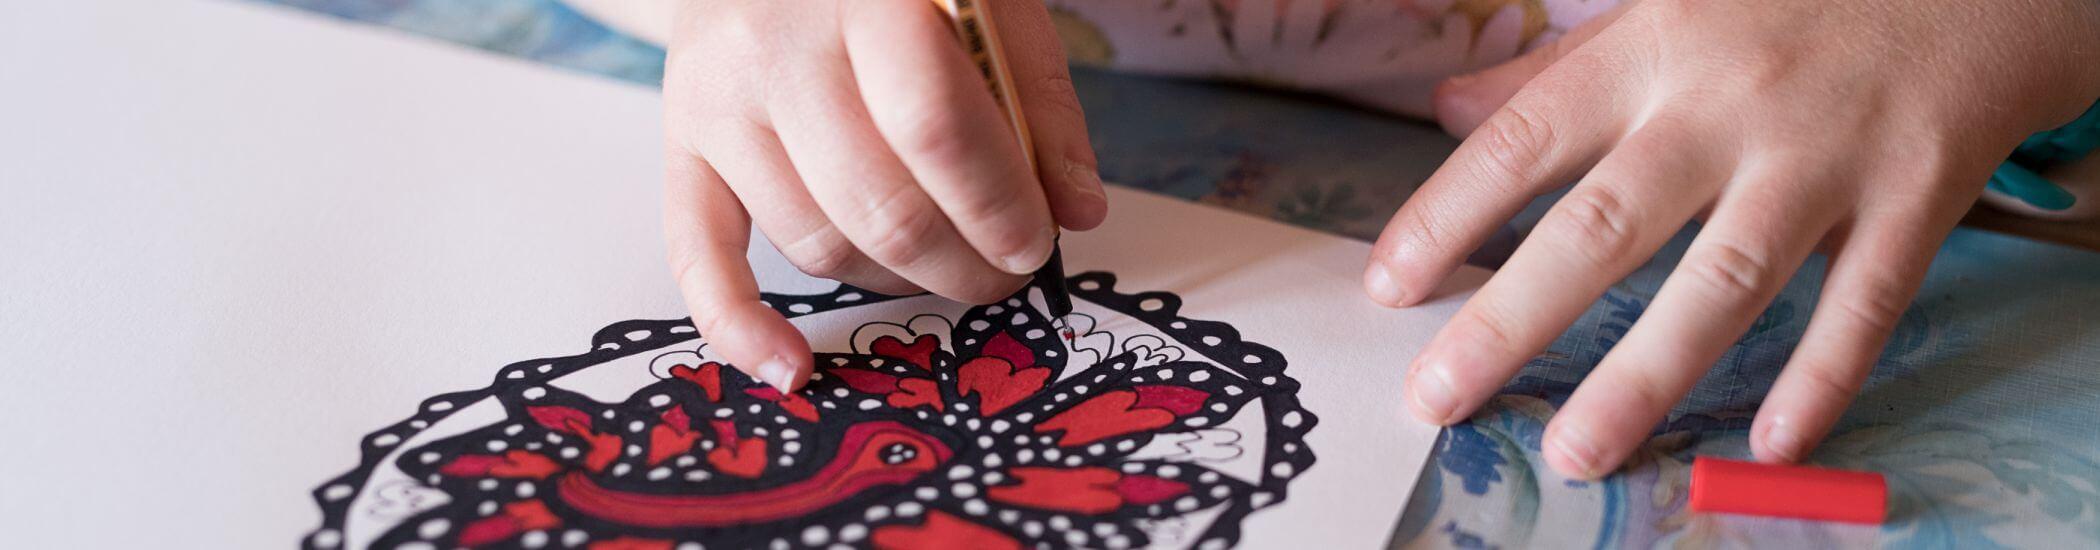 Patricia Hütter zeichnet ein Kunstwerk